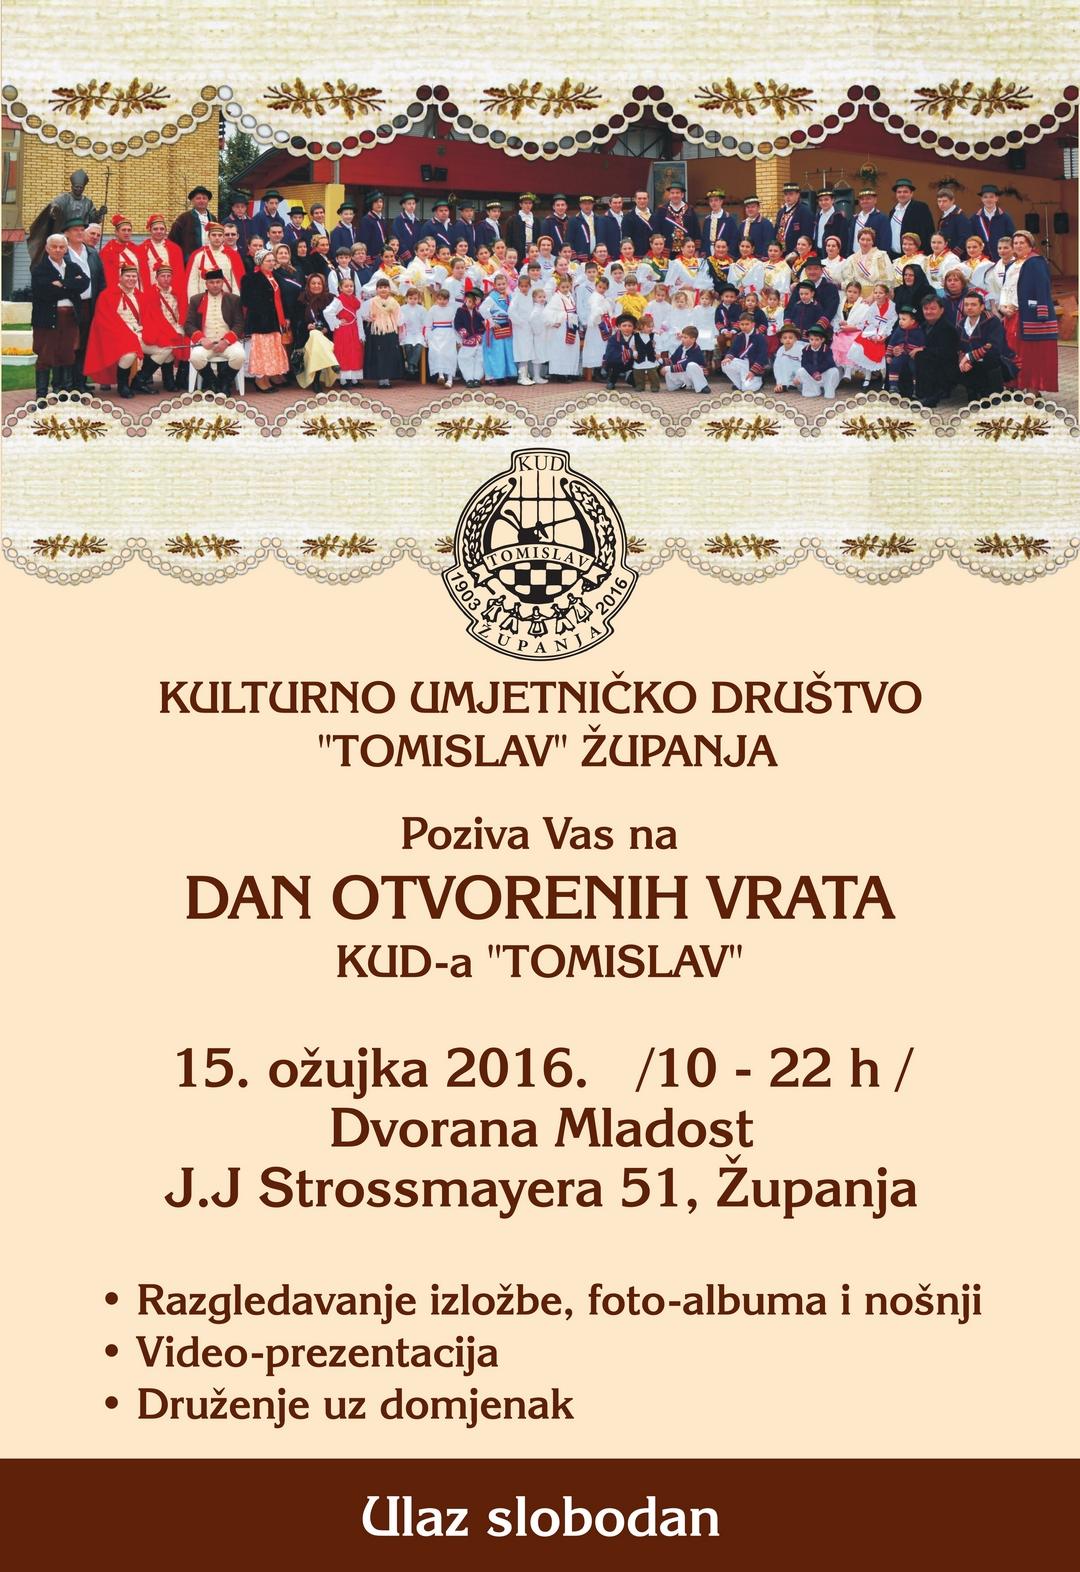 Dan otvorenih vrata KUD-a Tomislav